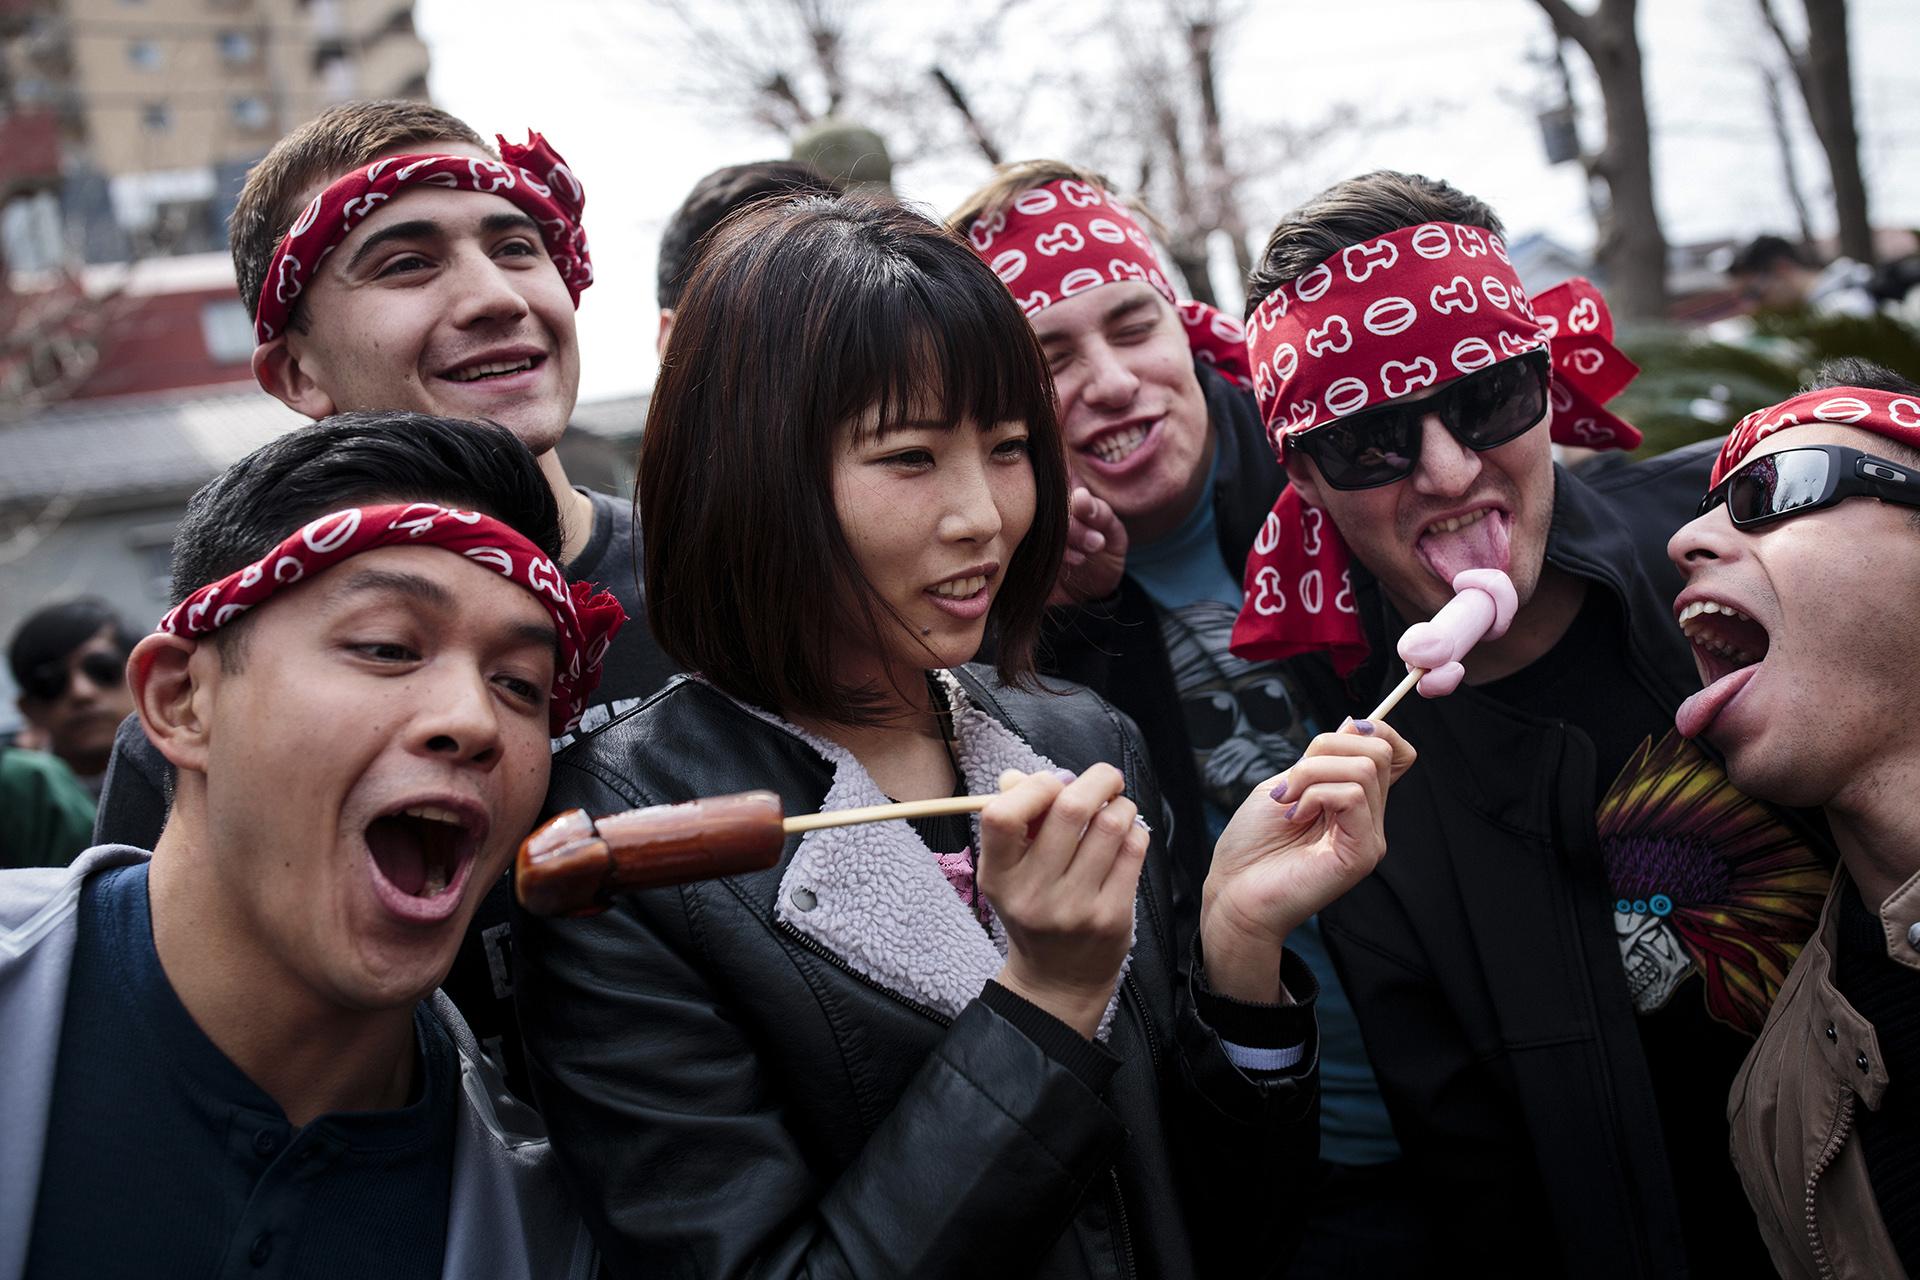 Una mujer posa junto a otros hombres con caramelos en forma de pene (AFP)